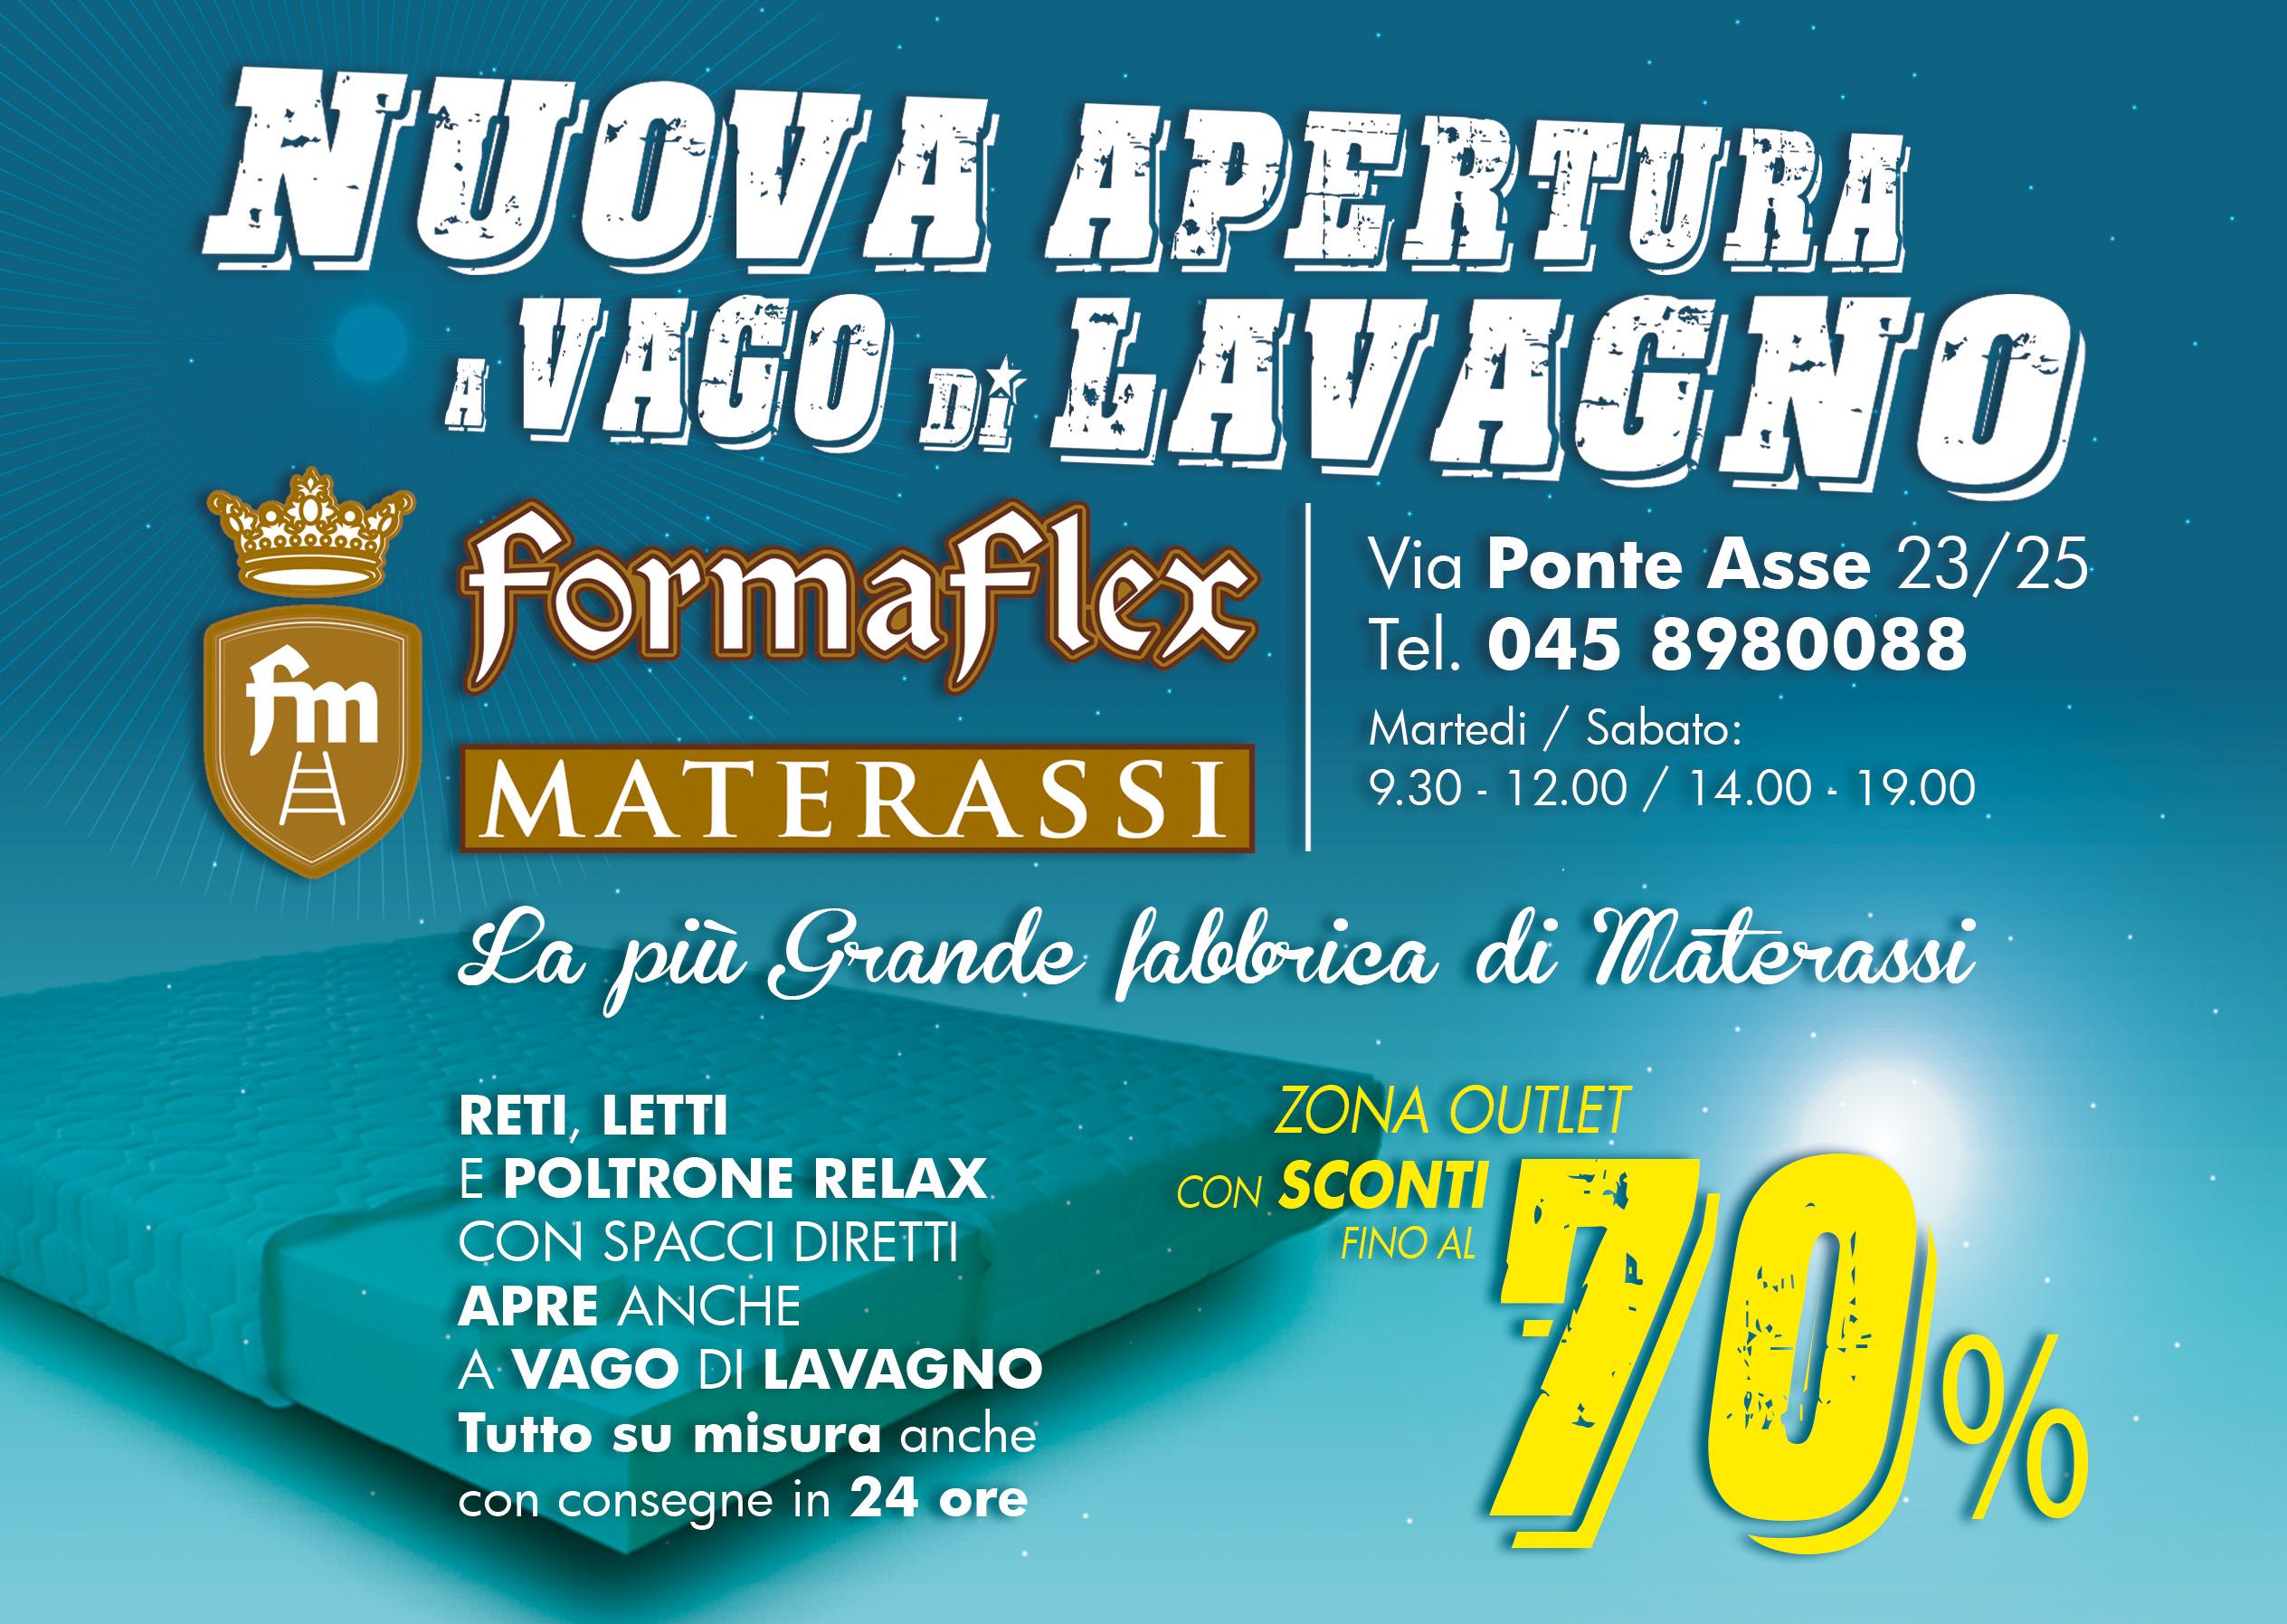 Materassi Su Misura Torino.Materassi Verona By Formaflex